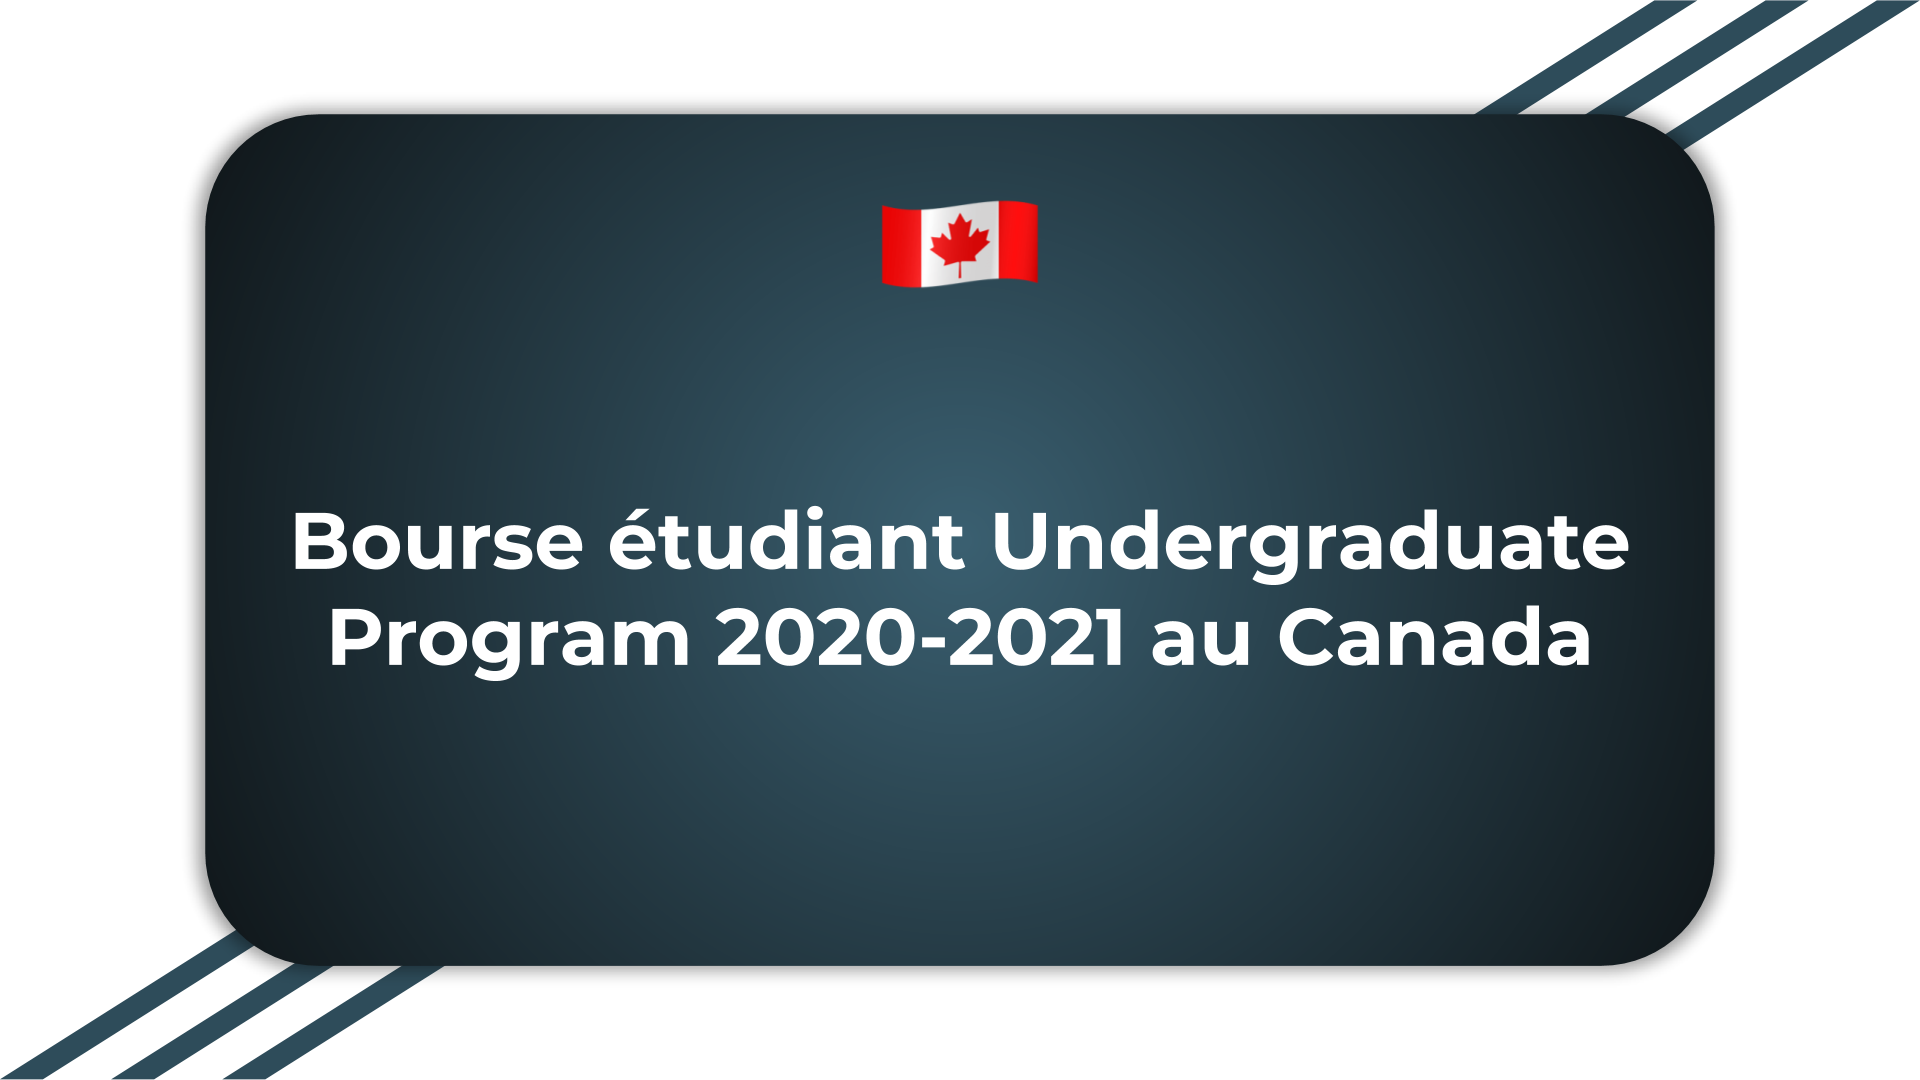 Bourse étudiant Undergraduate Program